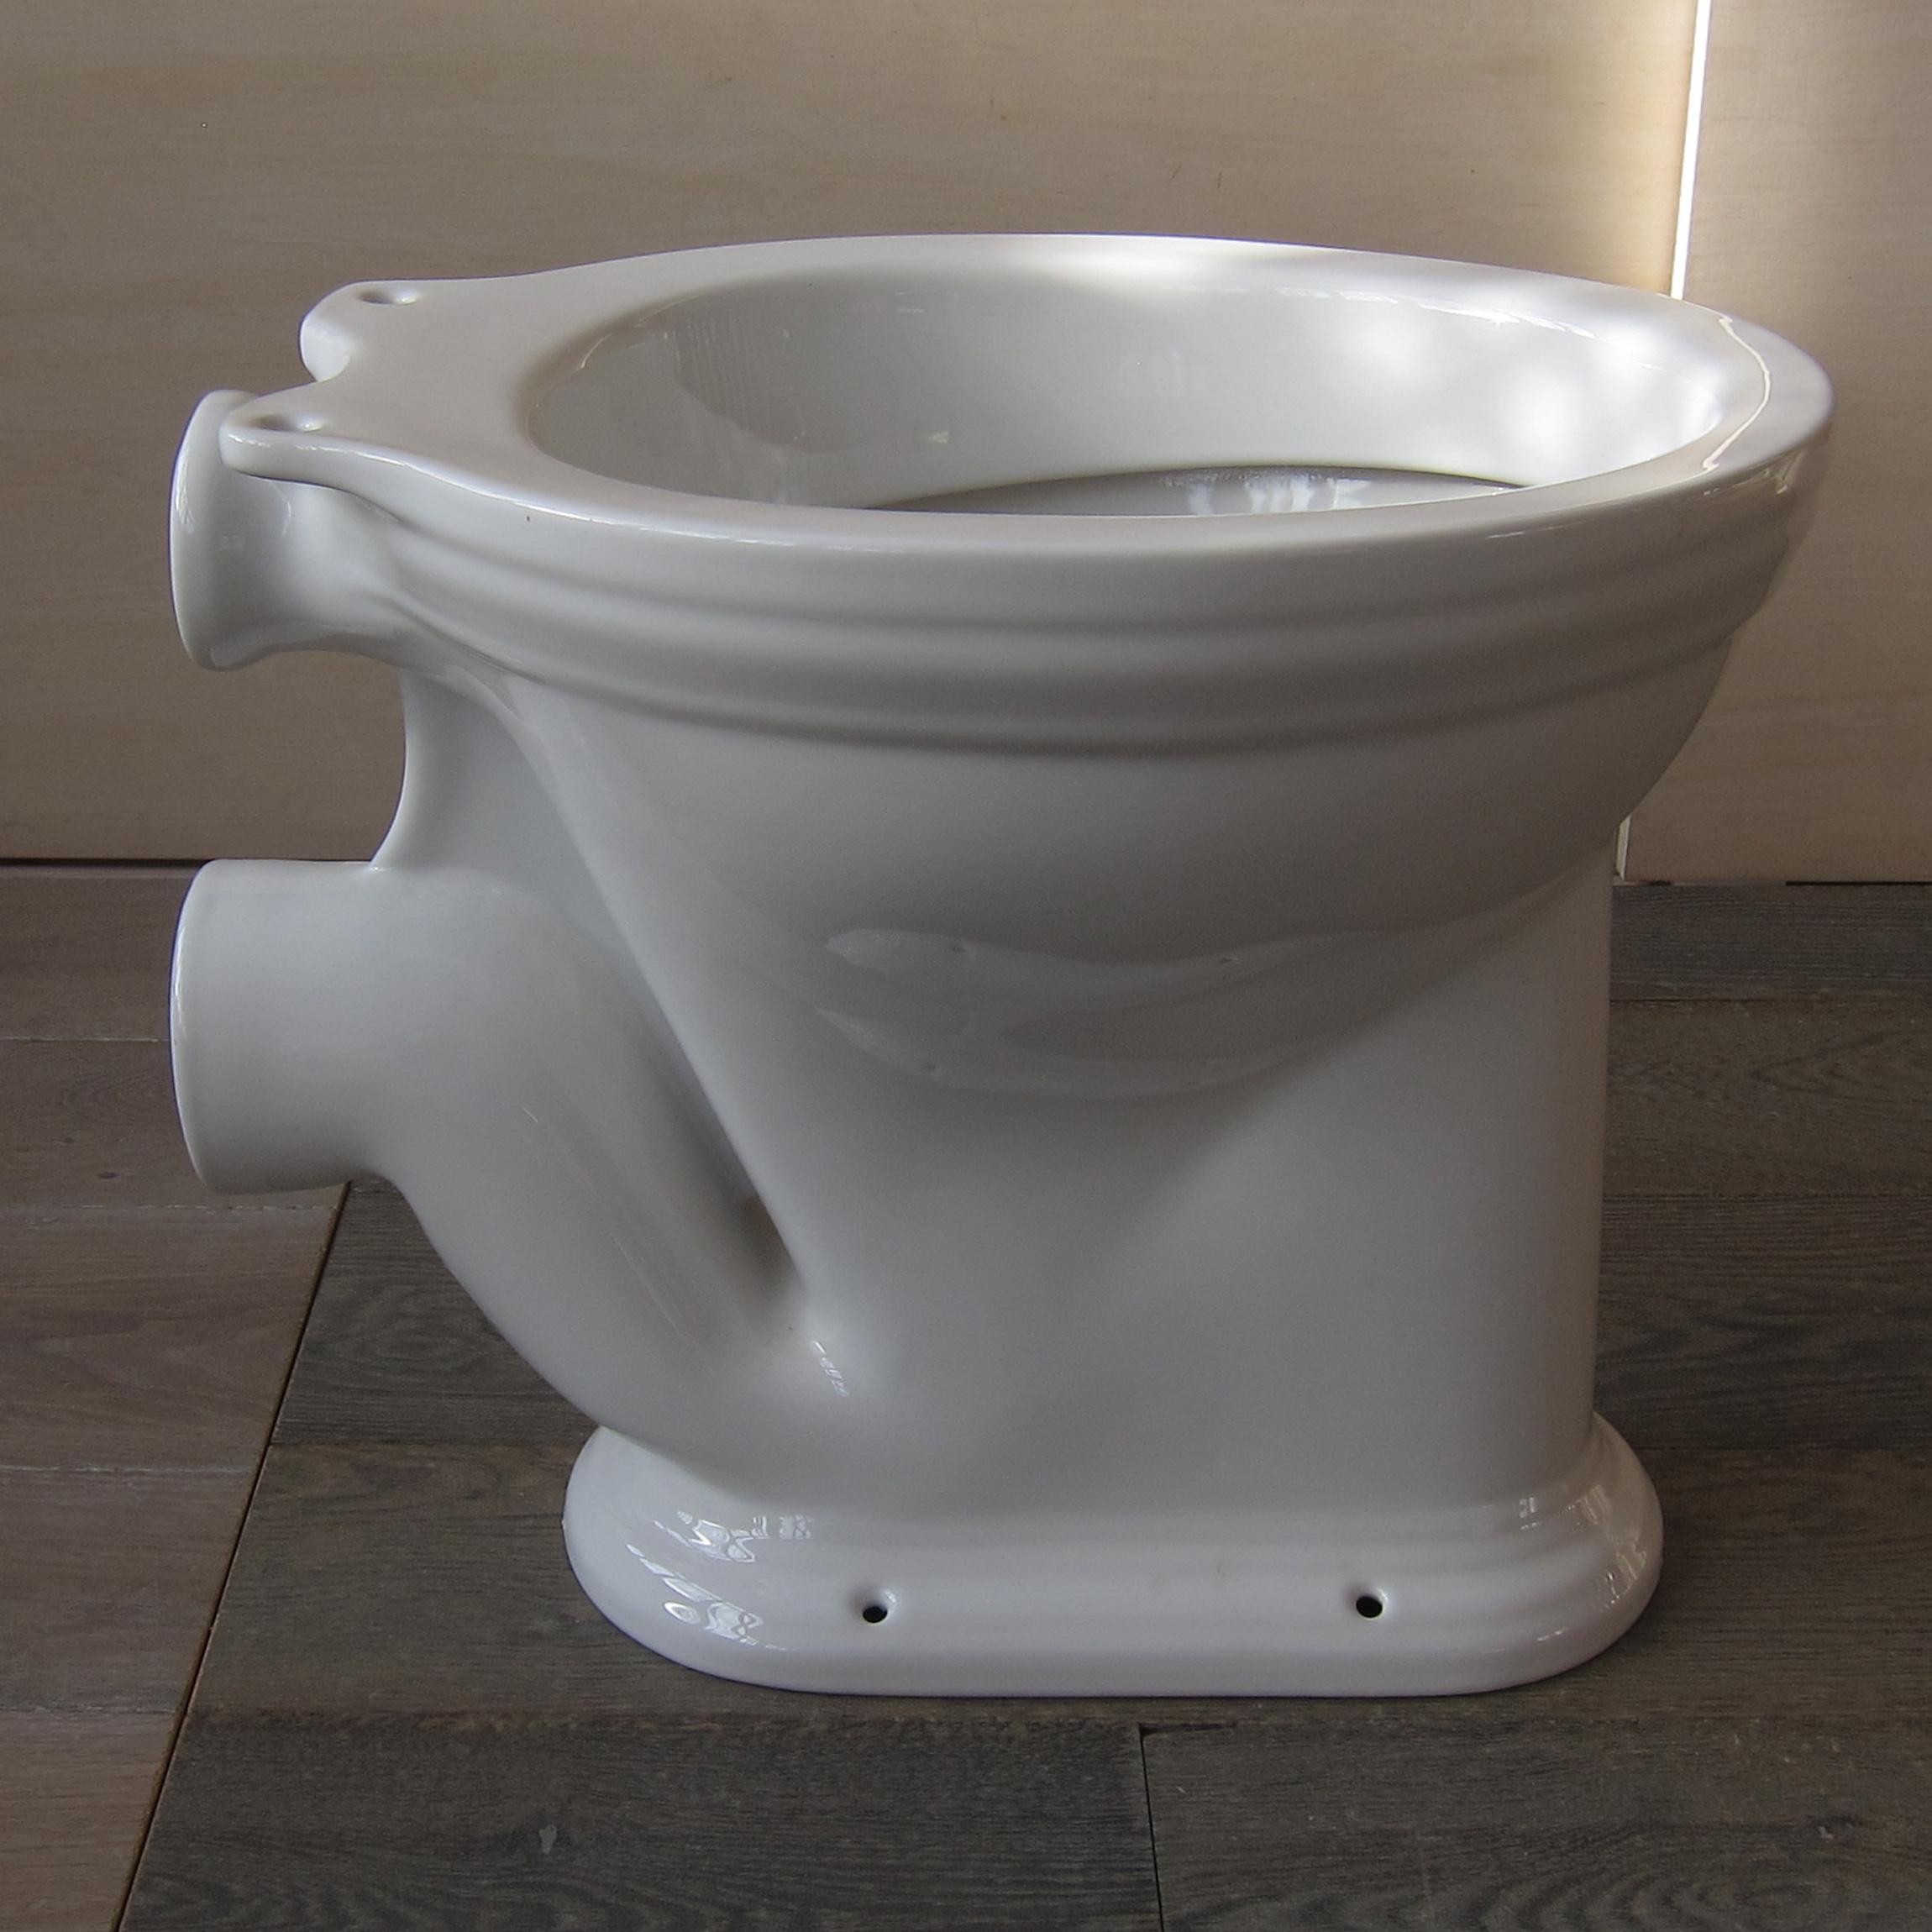 Toilette Carlton Wc Becken Ohne Spülkasten U Spülrohr Von